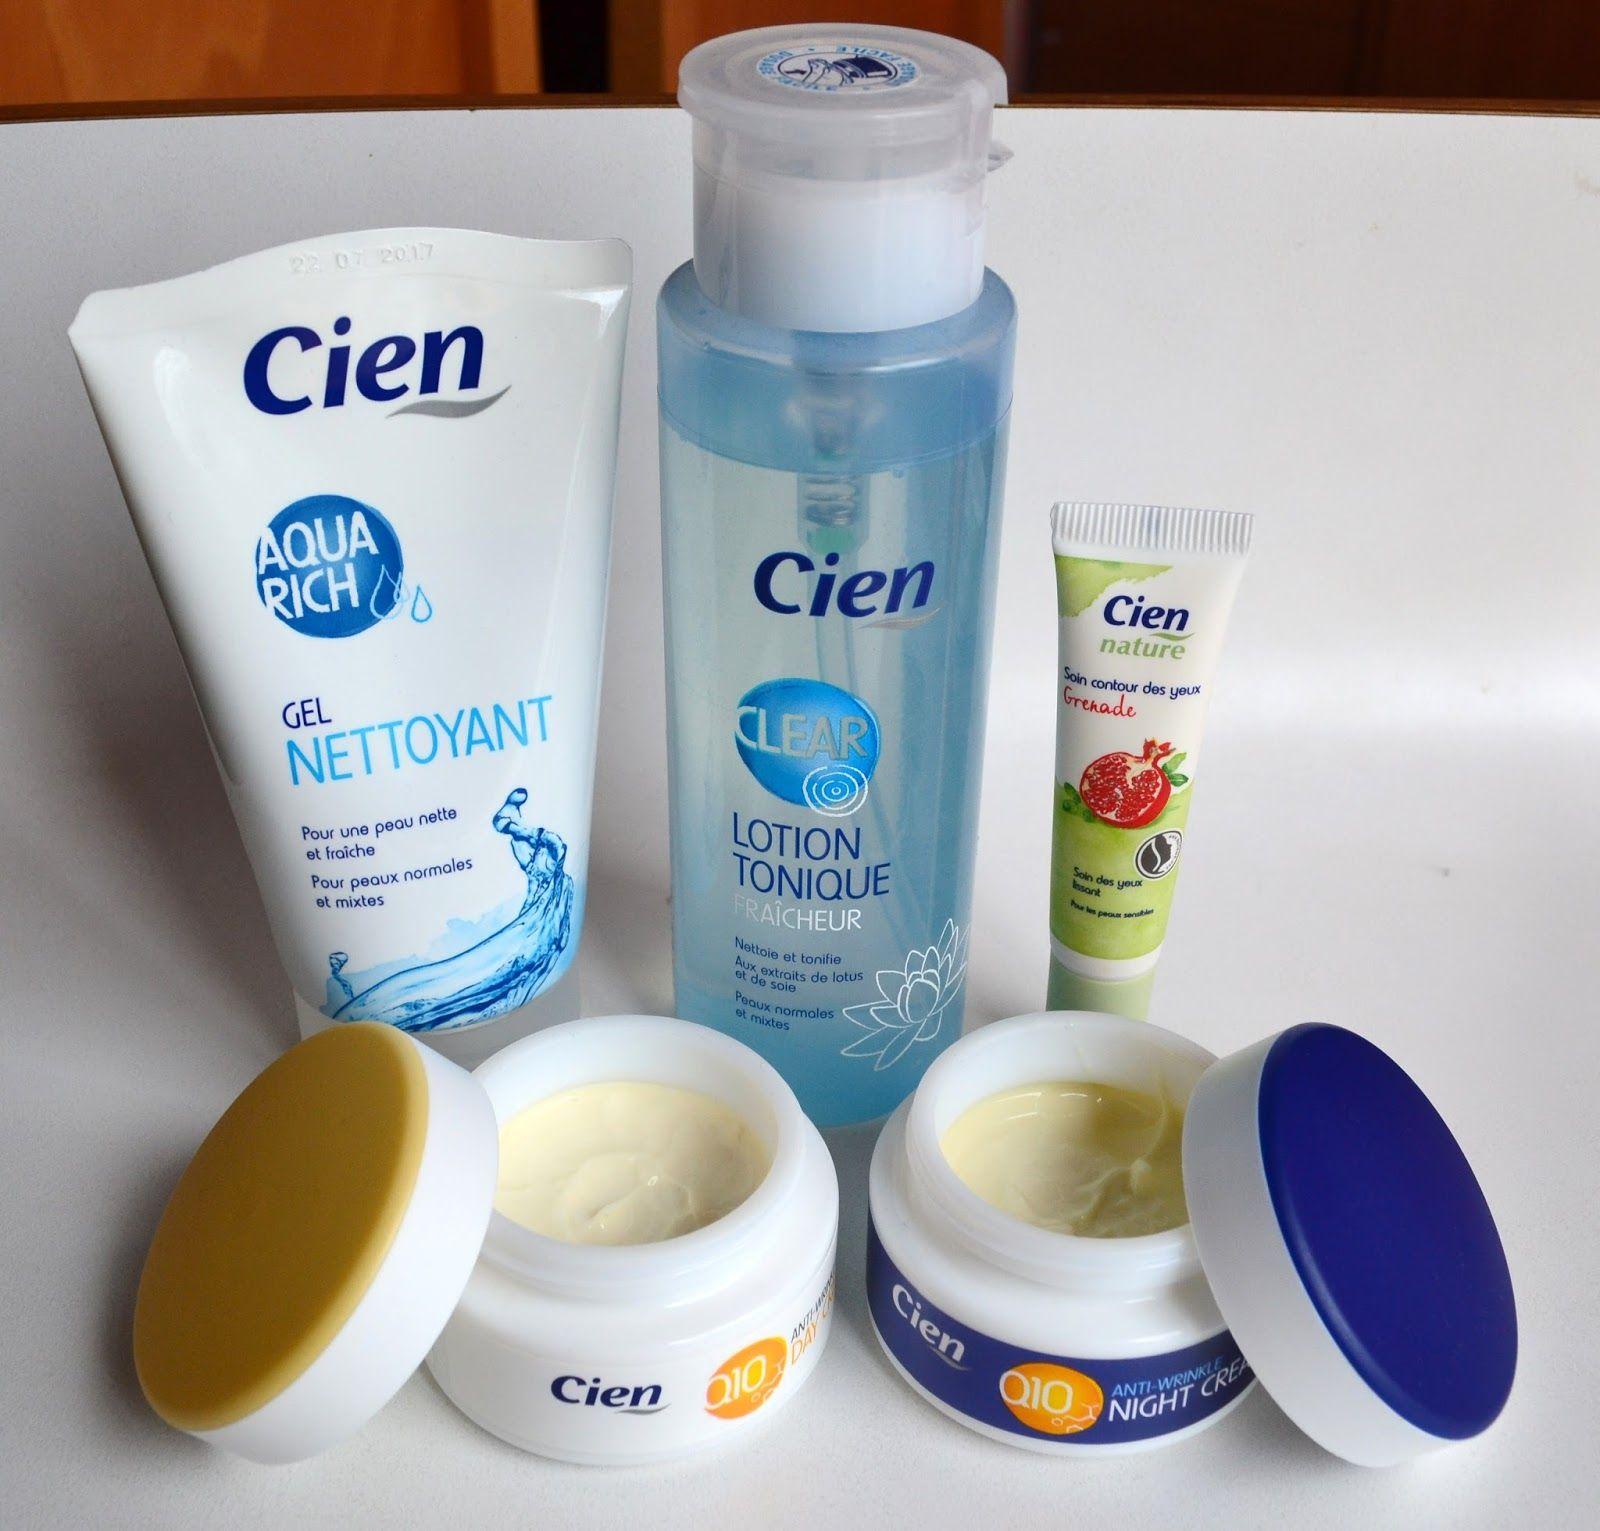 Beaute 1 Mois Apres Bilan Produits Cien Lidl Skin Care